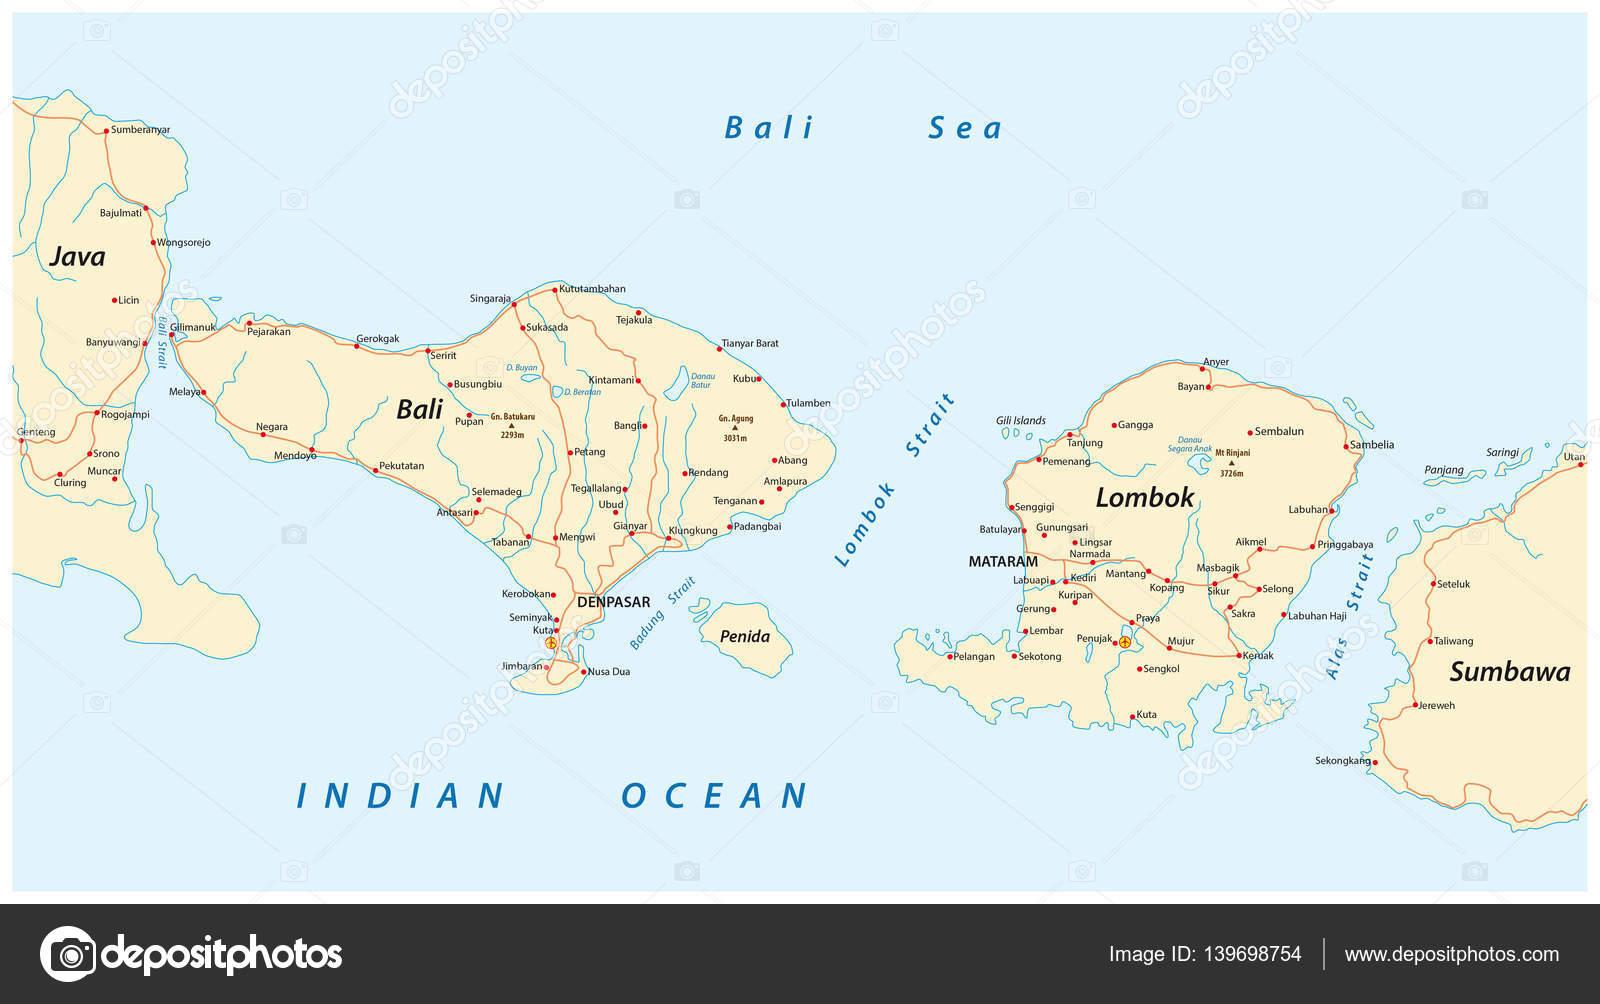 Hoja de ruta de bali islas sunda menores de indonesia y lombok hoja de ruta de bali islas sunda menores de indonesia y lombok archivo imgenes vectoriales gumiabroncs Image collections